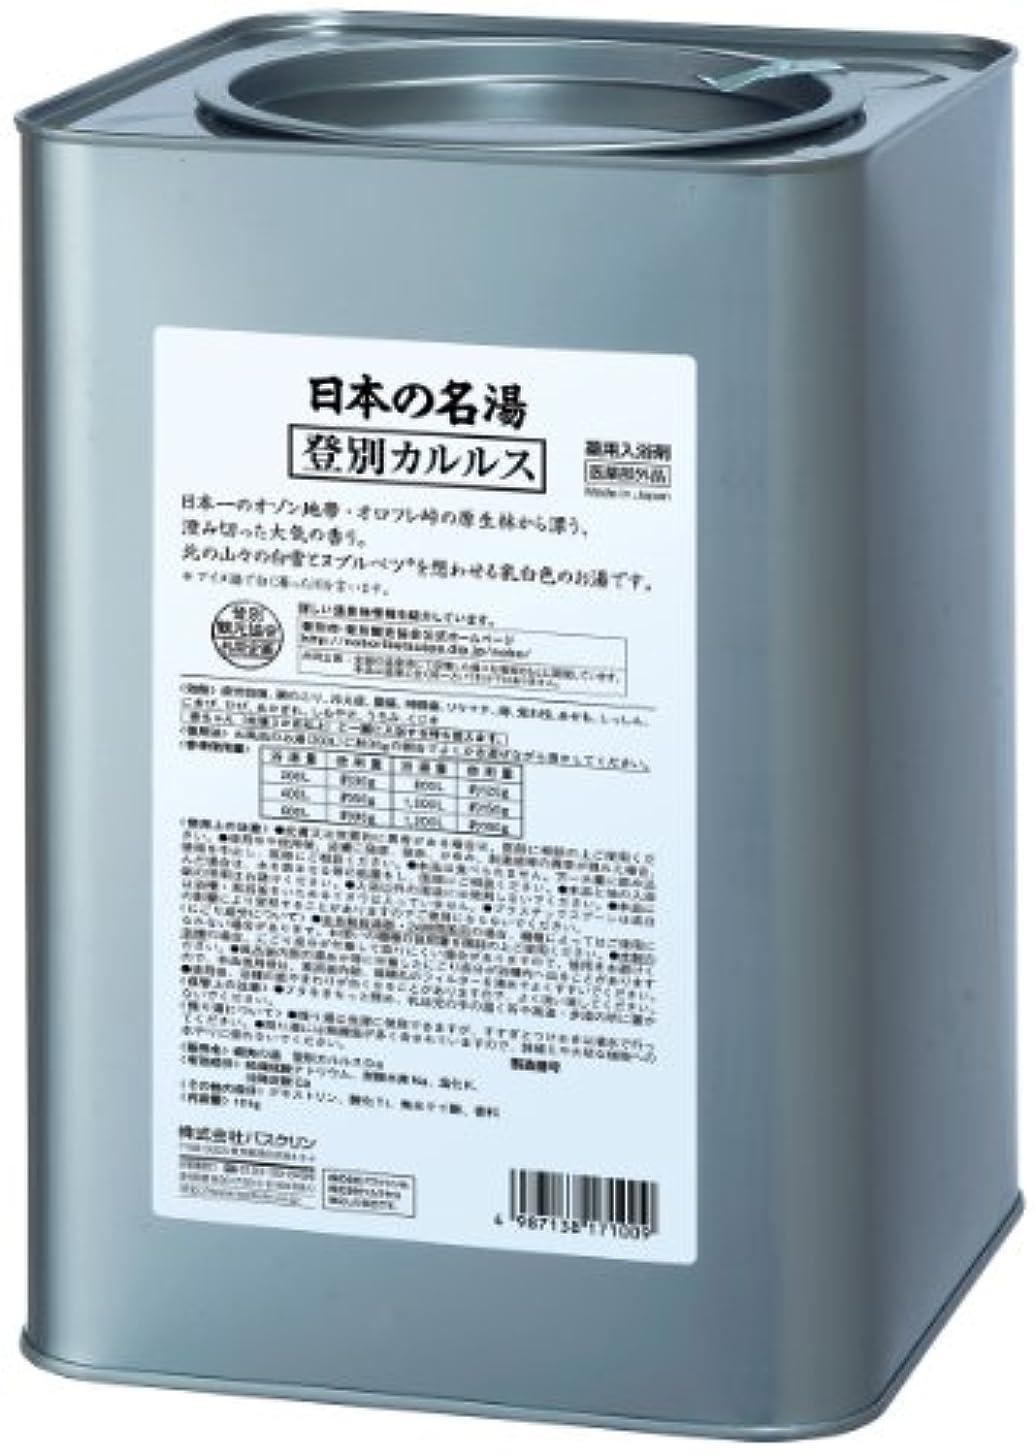 名詞電気陽性トランク【医薬部外品/業務用】日本の名湯入浴剤 登別カルルス(北海道)10kg 大容量 温泉成分 温泉タイプ